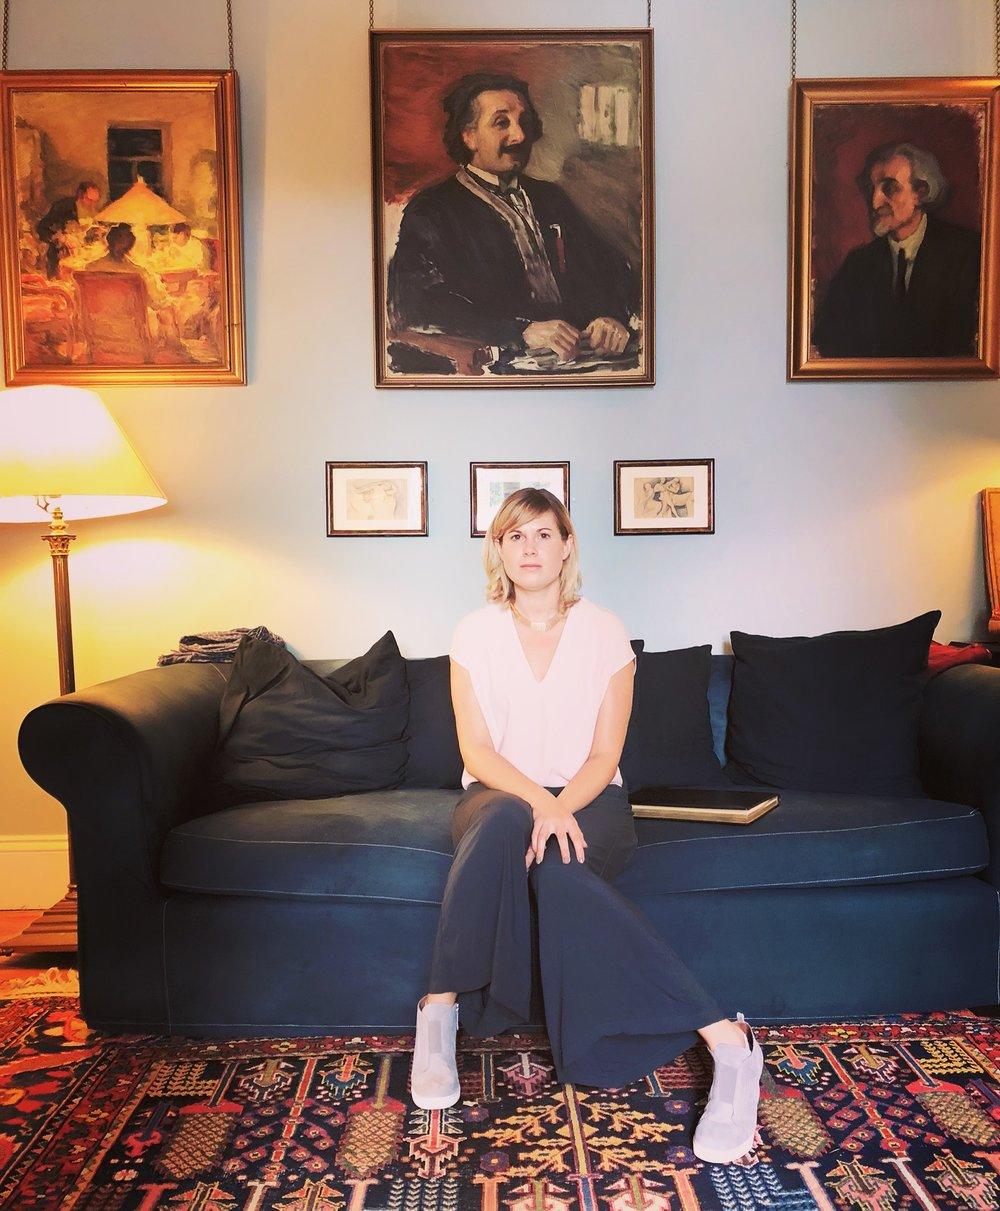 Ann Slater Pasternak's Home in Oxford, England